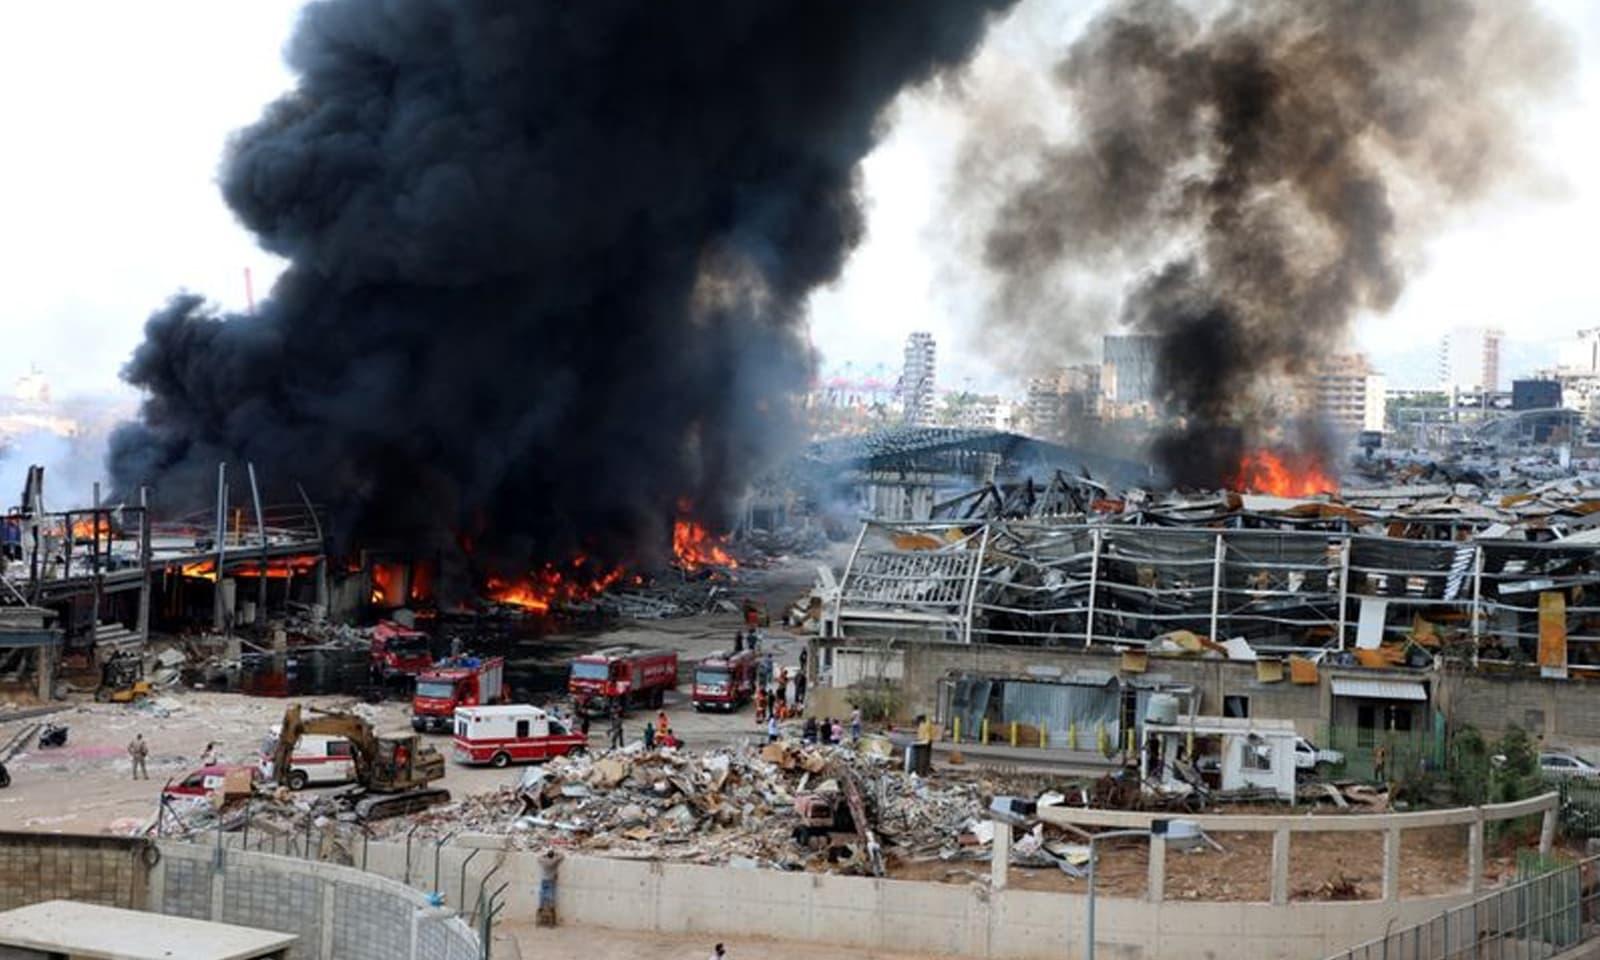 آتشزدگی کی وجوہات فوری طور پر واضح نہیں ہوسکیں —فوٹو: رائٹرز